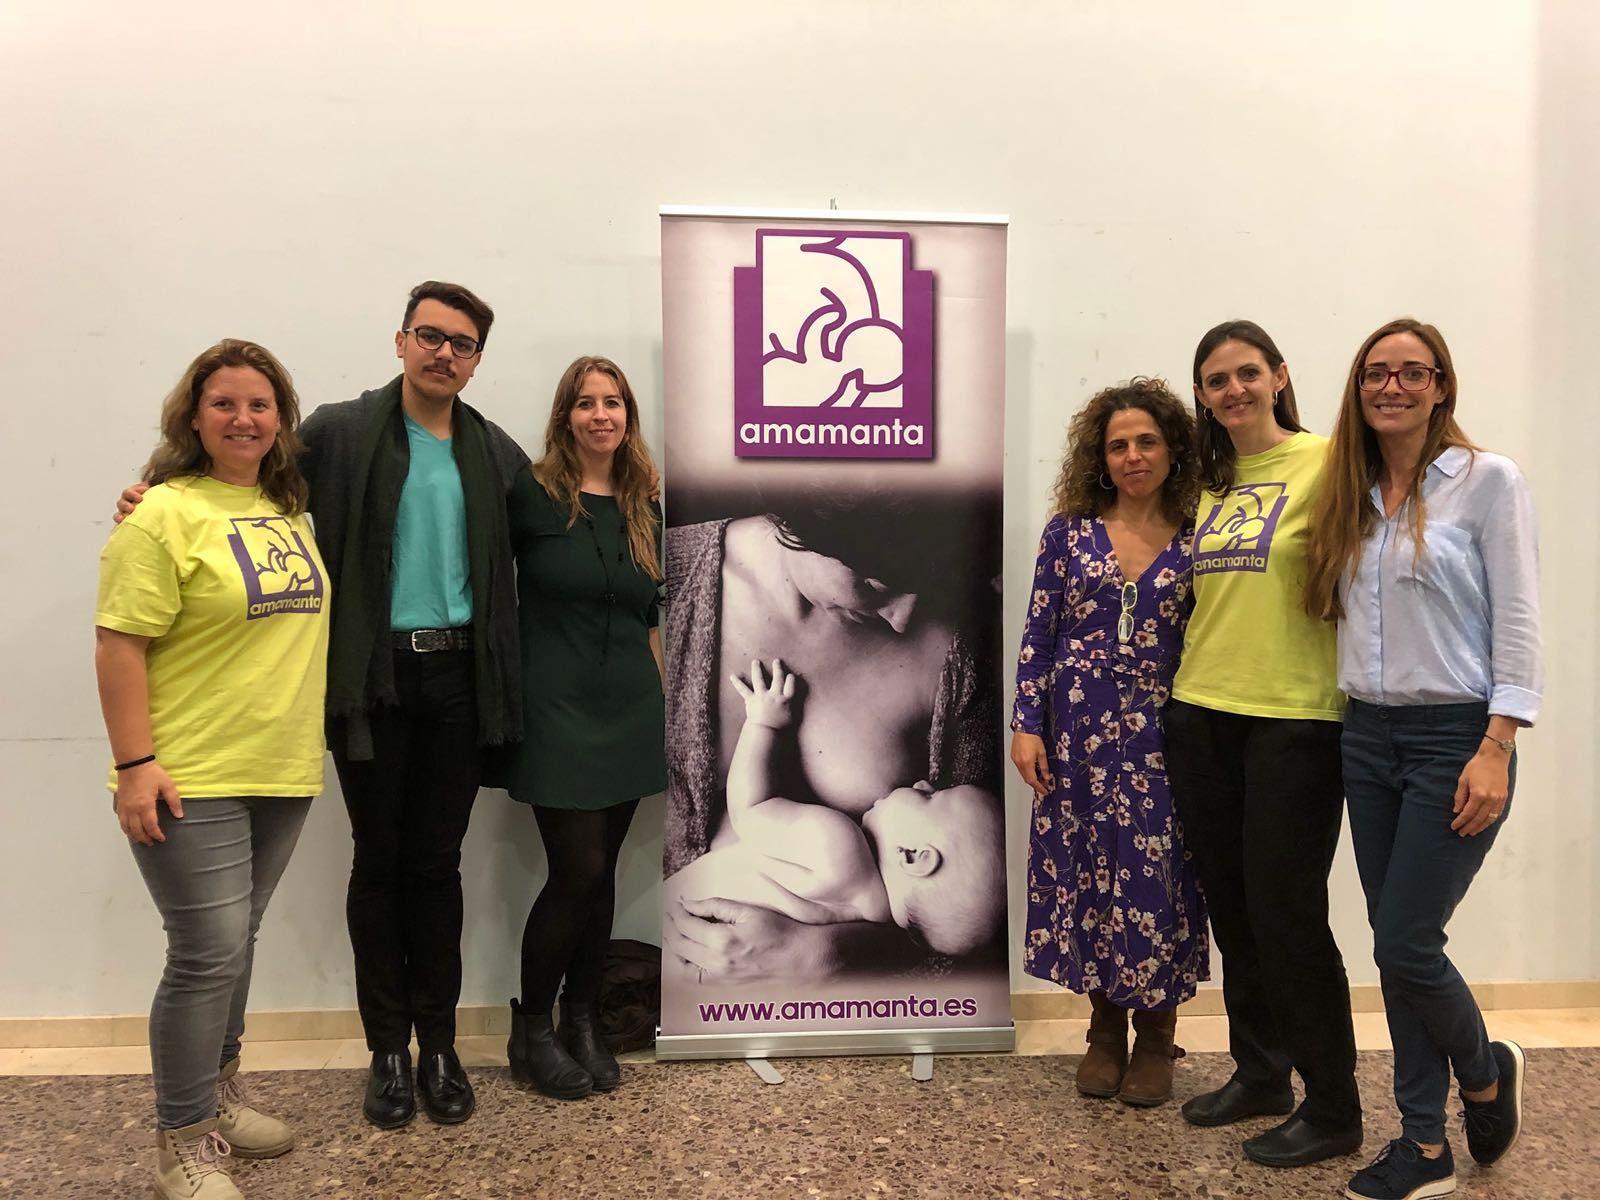 Marta Lozano y Sandra Fernández, junto a los miembros de la asociación Amamanta organizadores del taller.